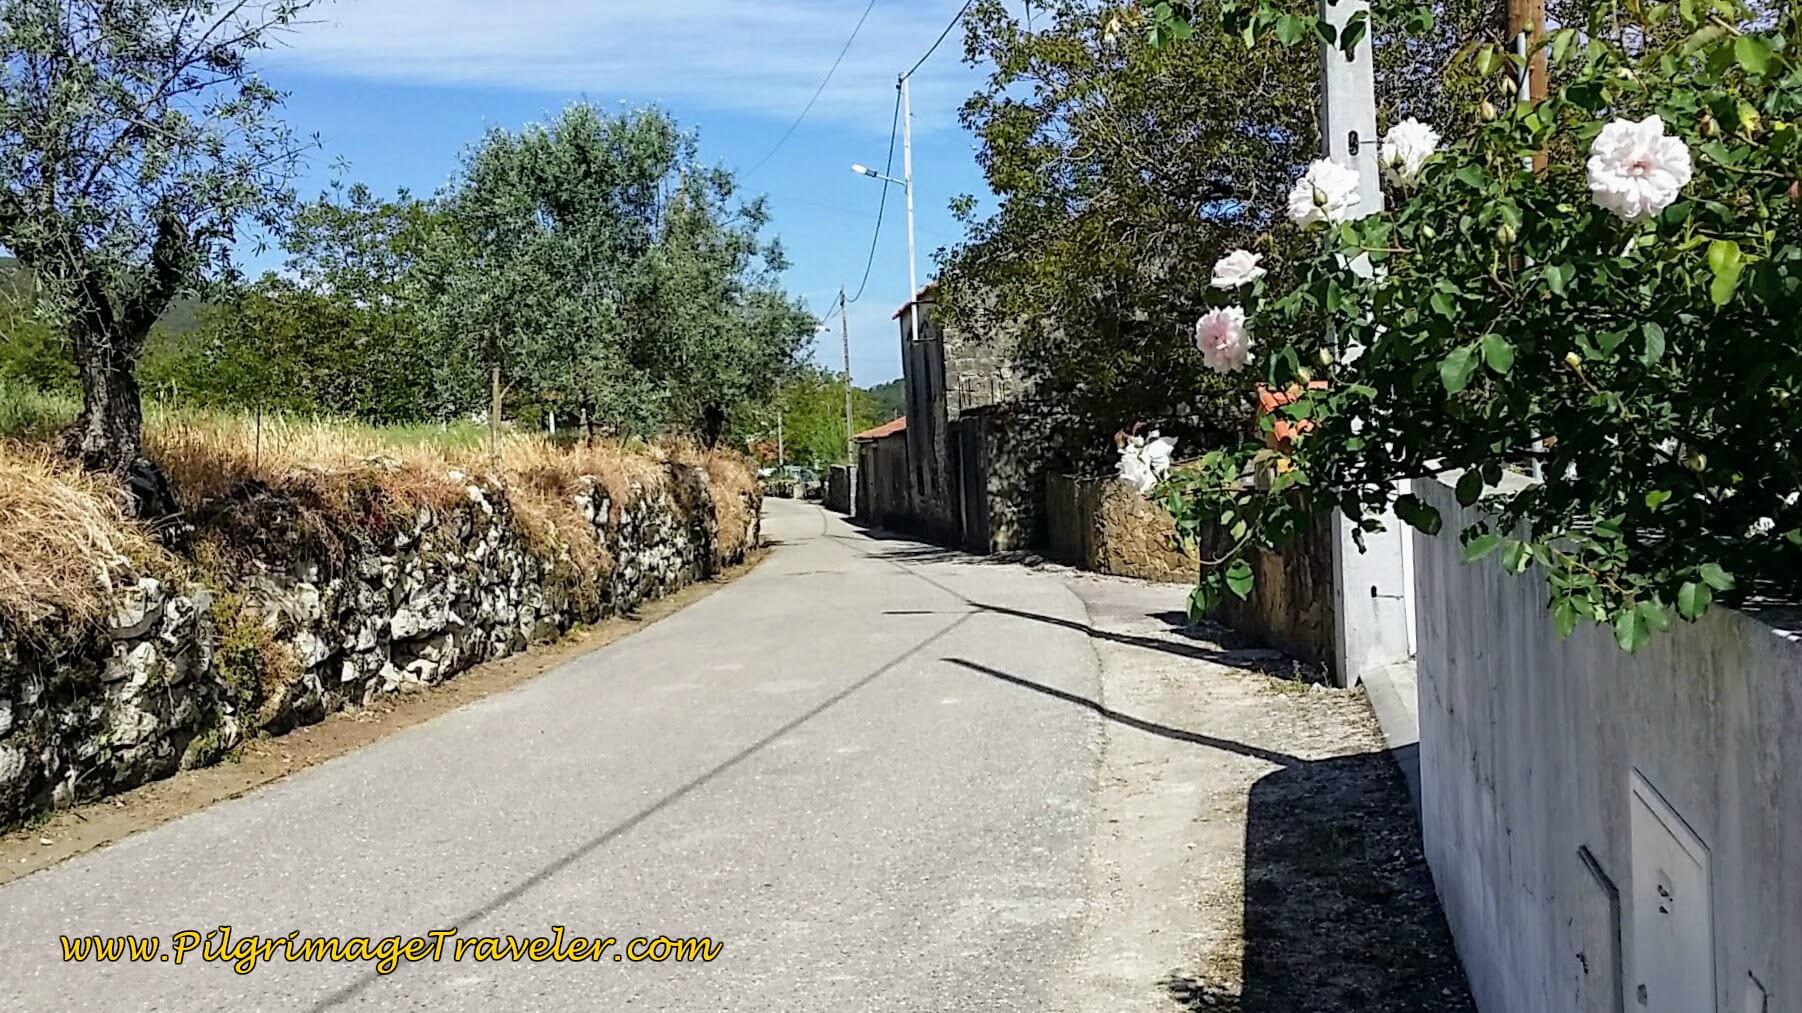 Farther Along the Rua Principal towards Fonte Coberta